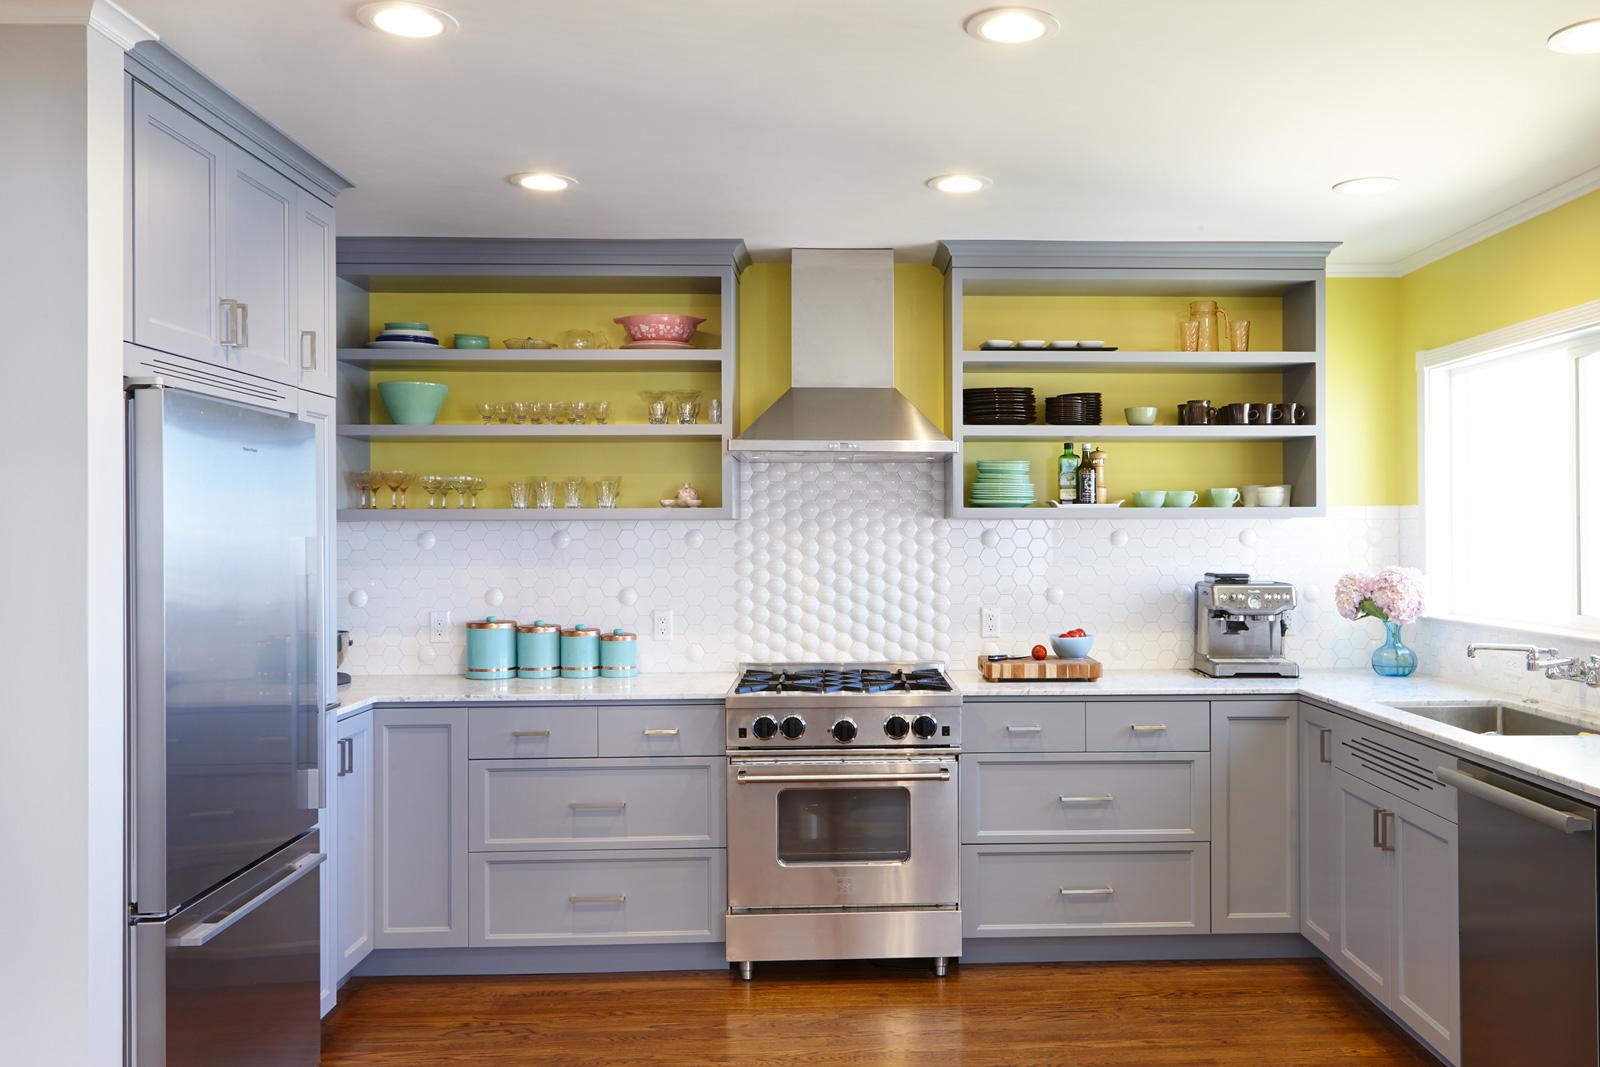 Кухня 14 кв. м желтая